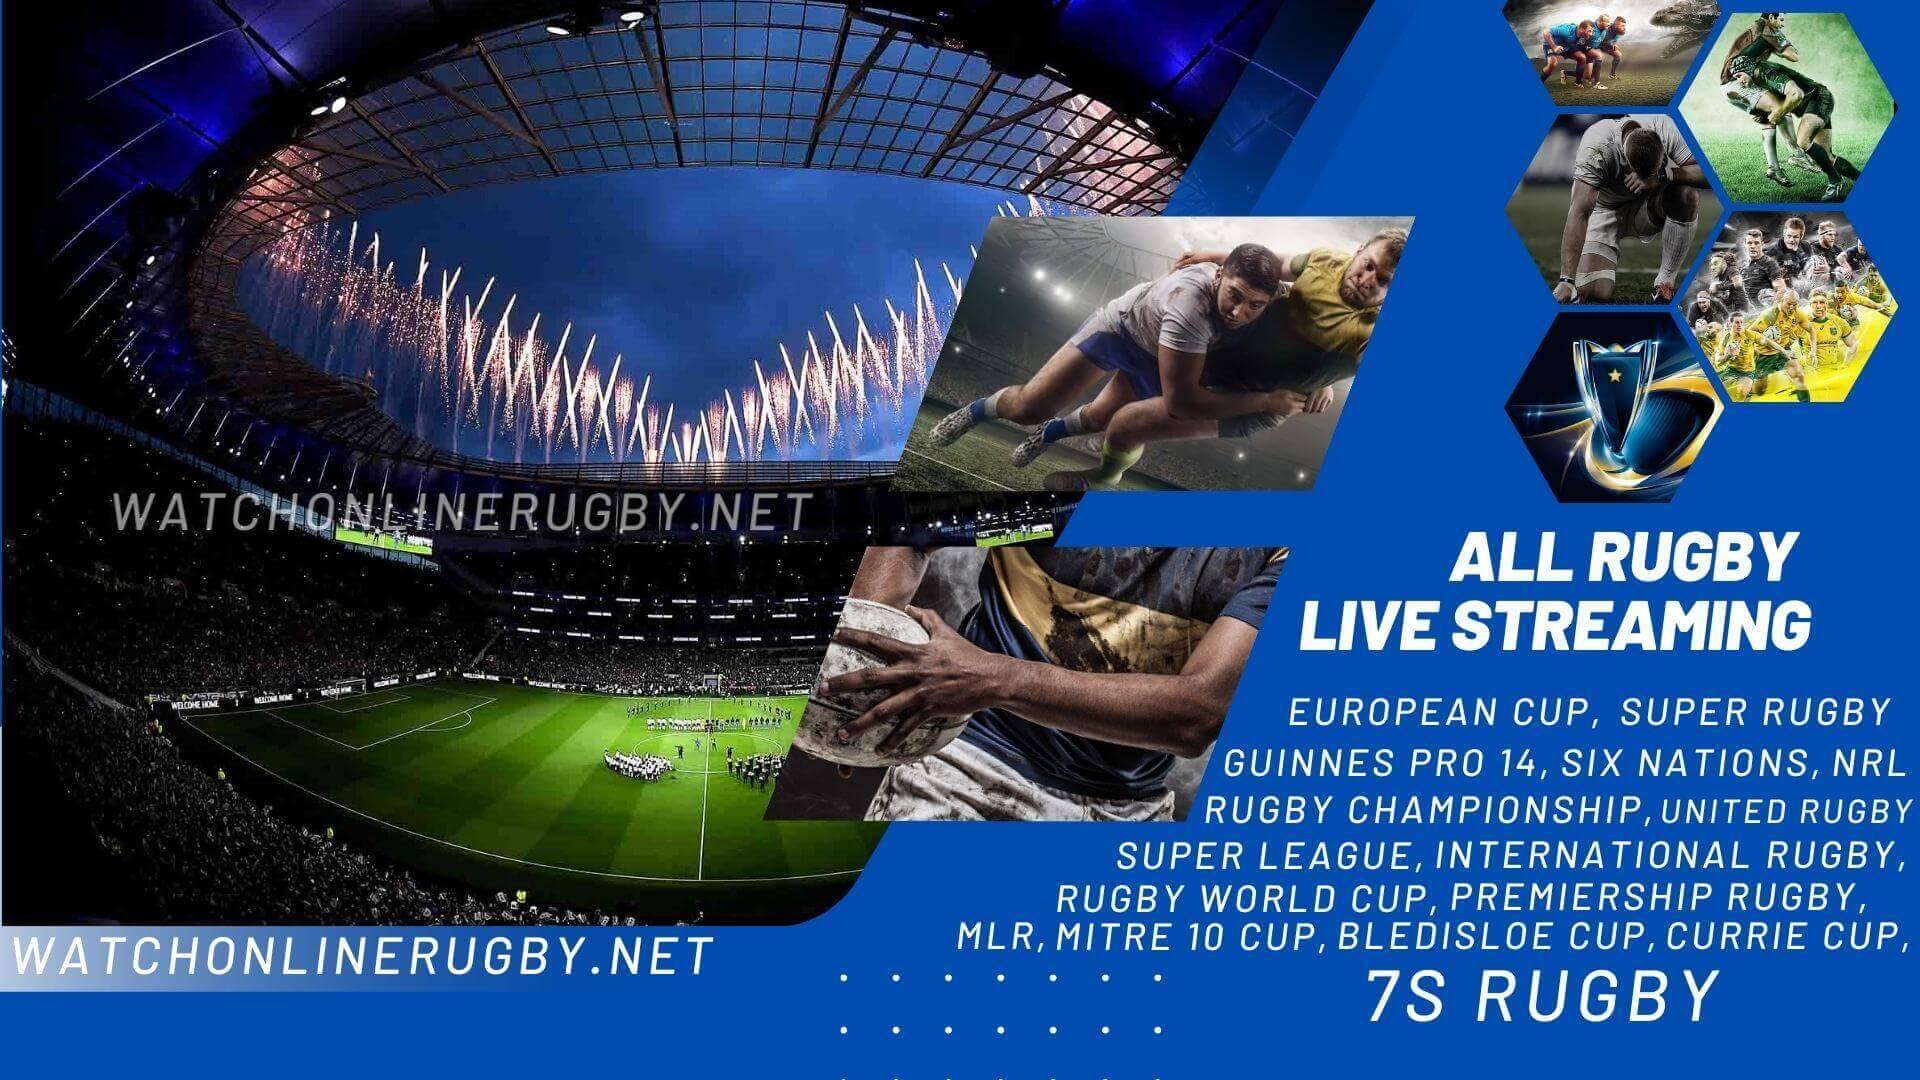 watch-edinburgh-vs-stade-francais-paris-live